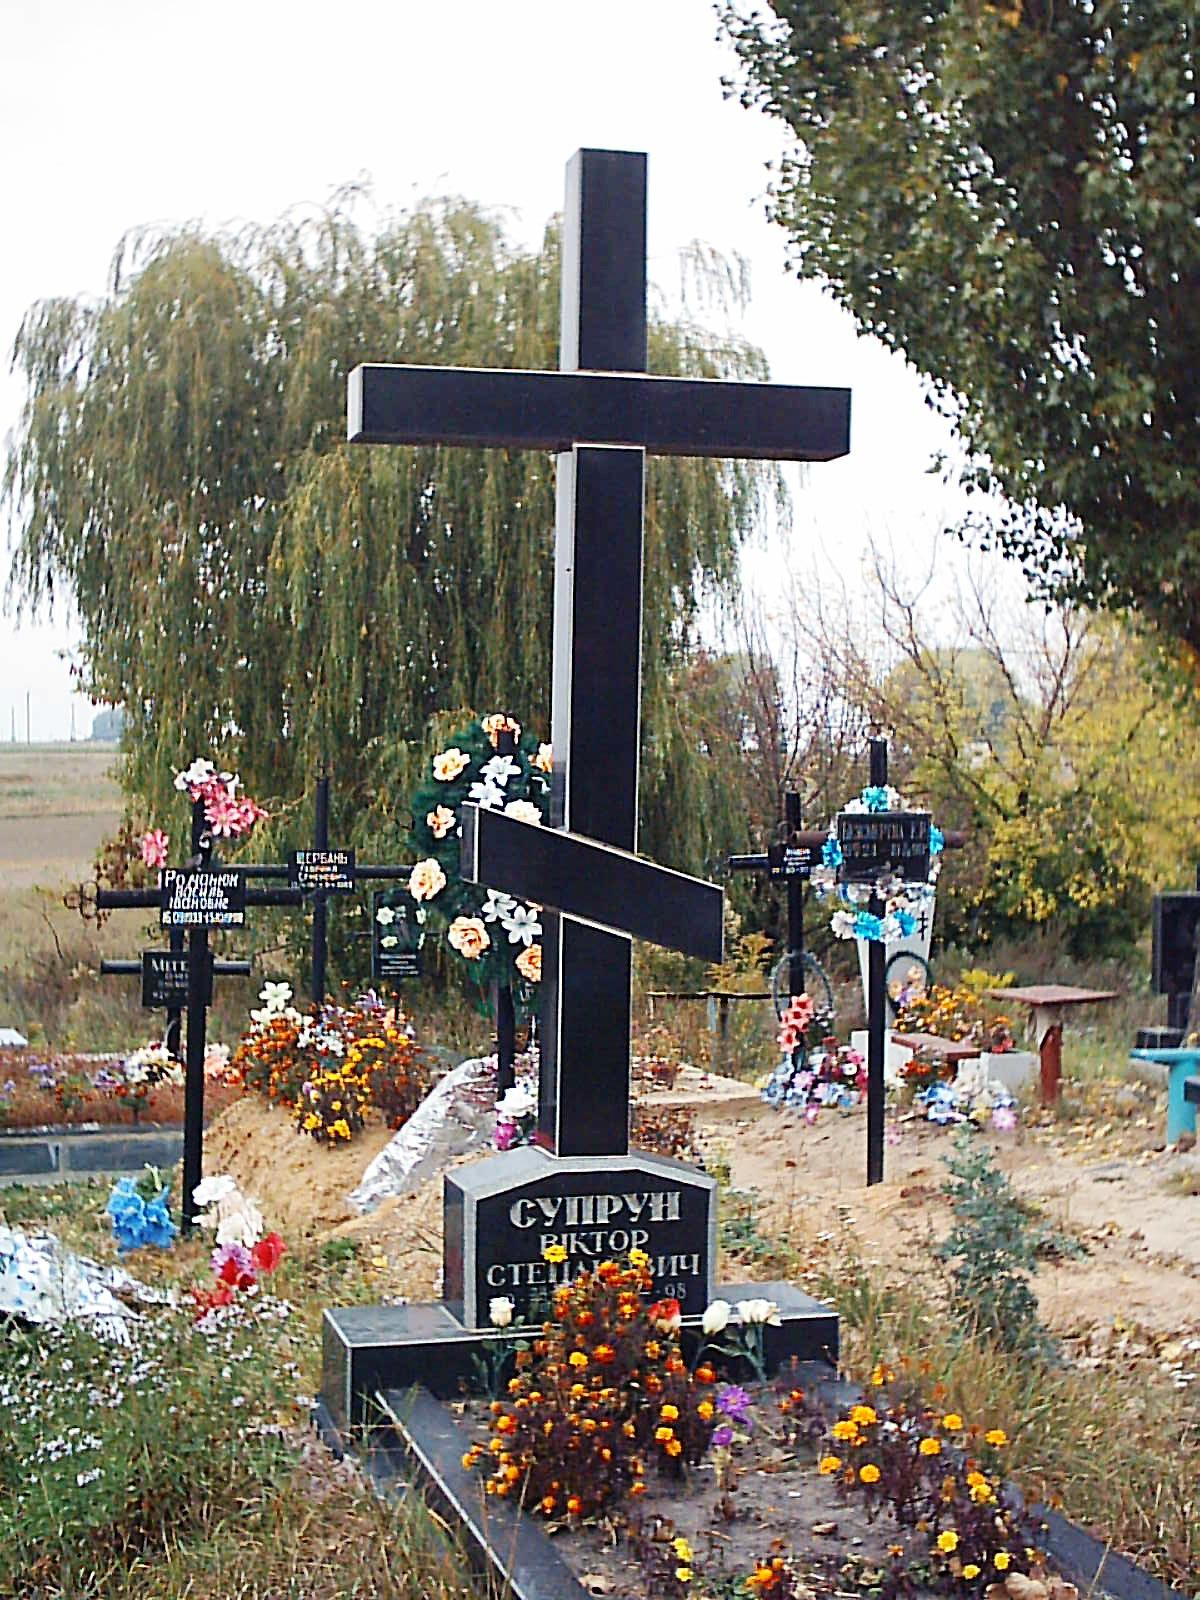 Недорогие памятники цены омск известные памятники москвы